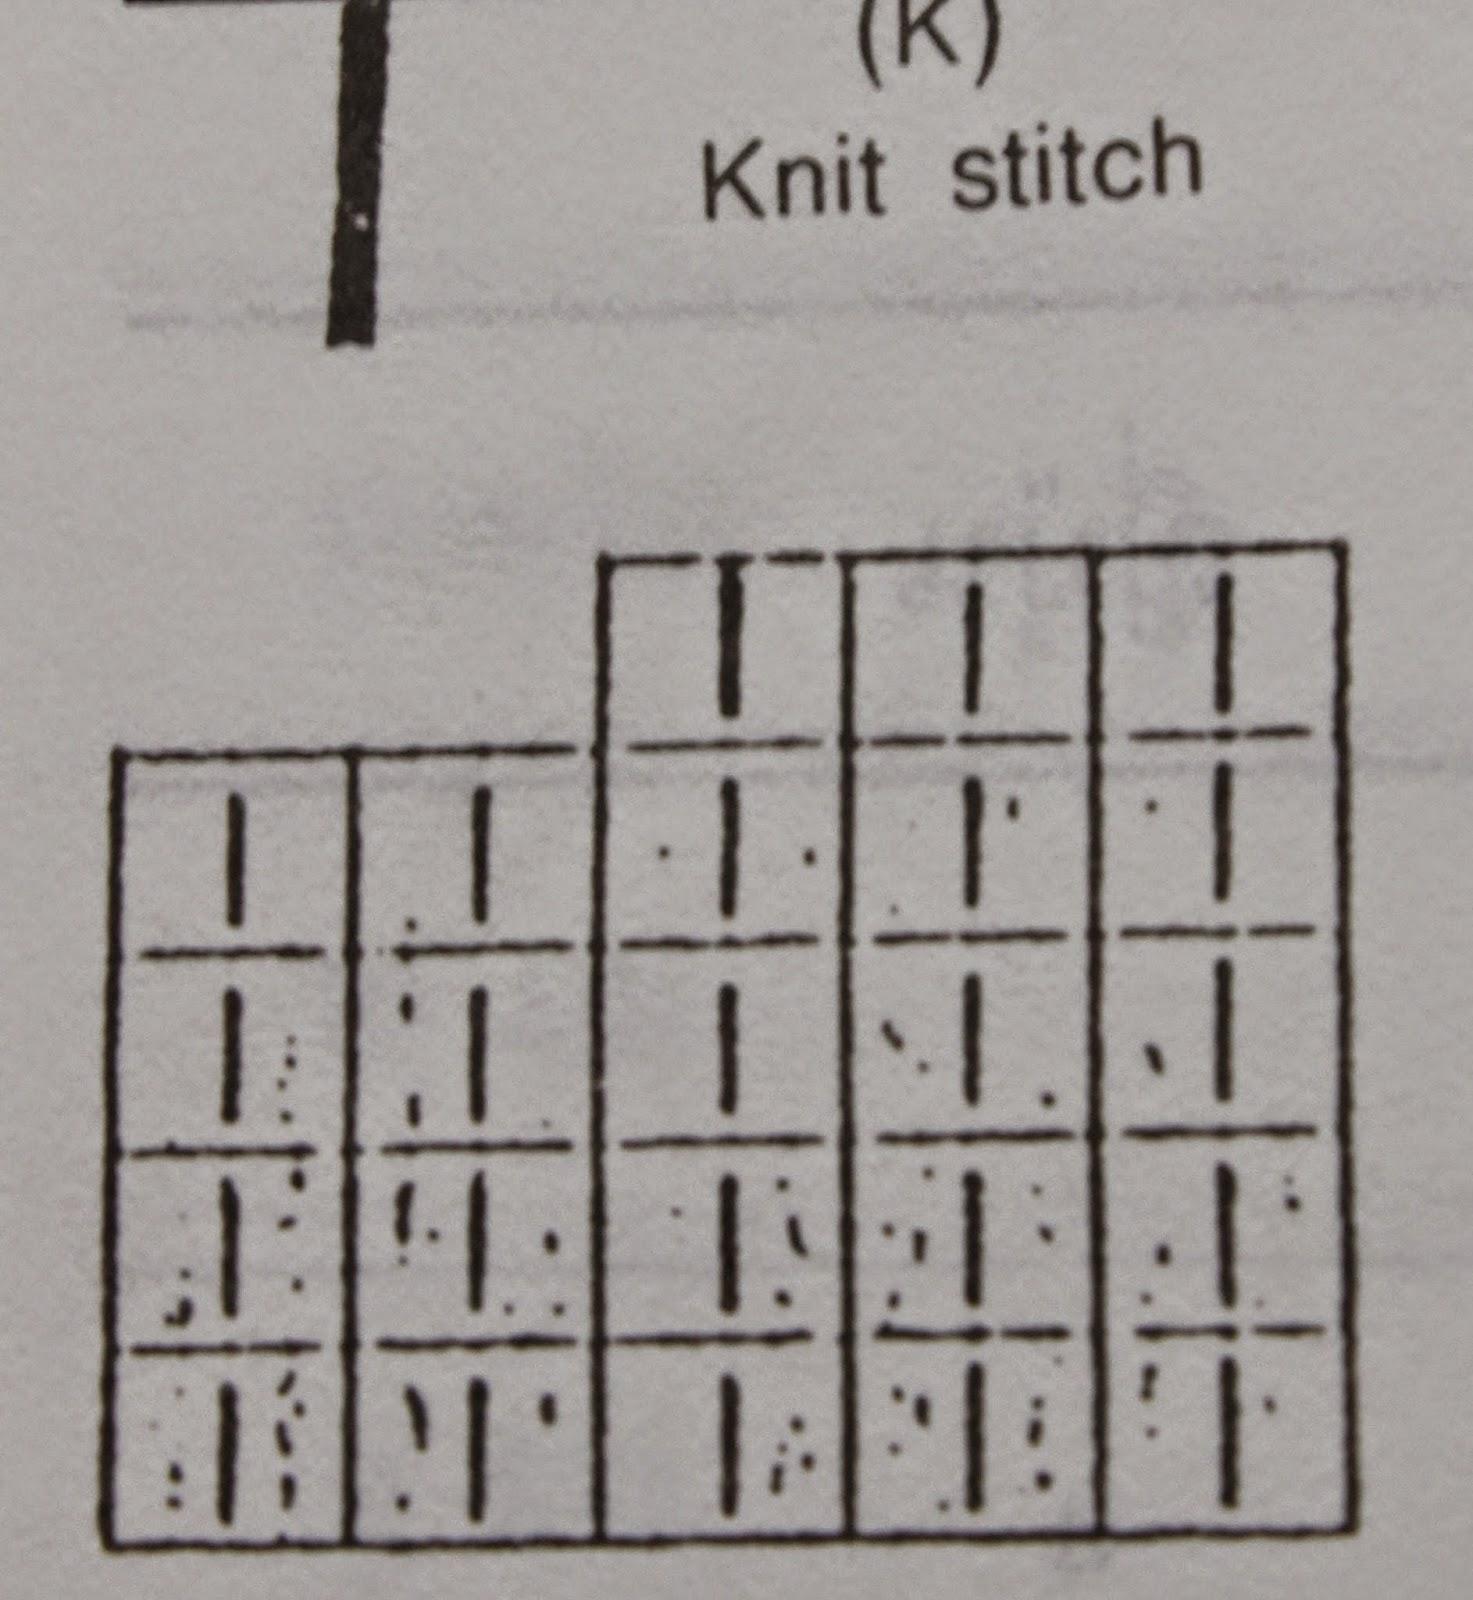 Knitting Stitches Sl1 K1 Psso : ??????????????????????????? ?????????????